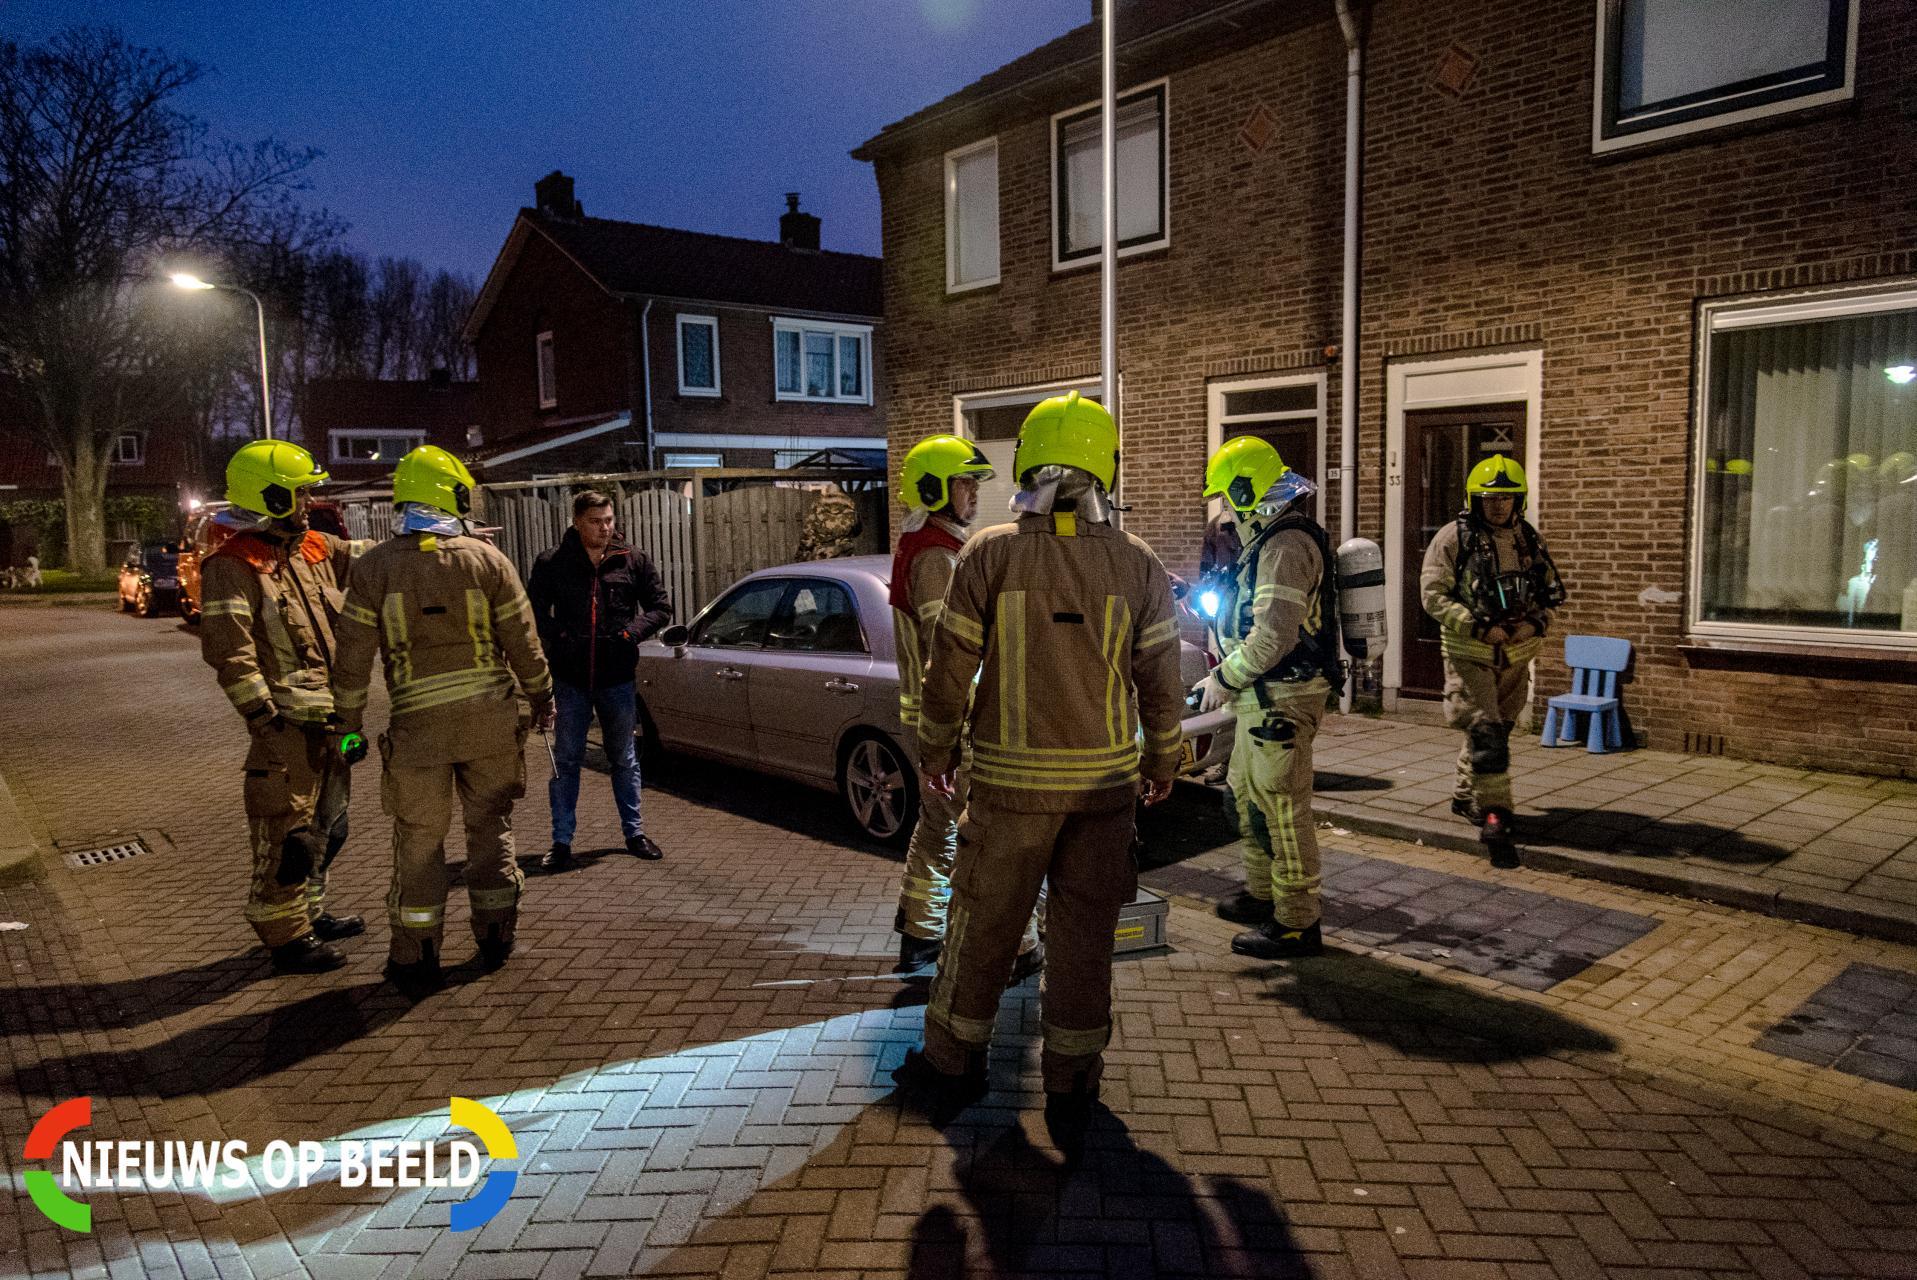 Brandweer onderzoekt benzinelucht in meerdere woningen Repelstraat Poortugaal